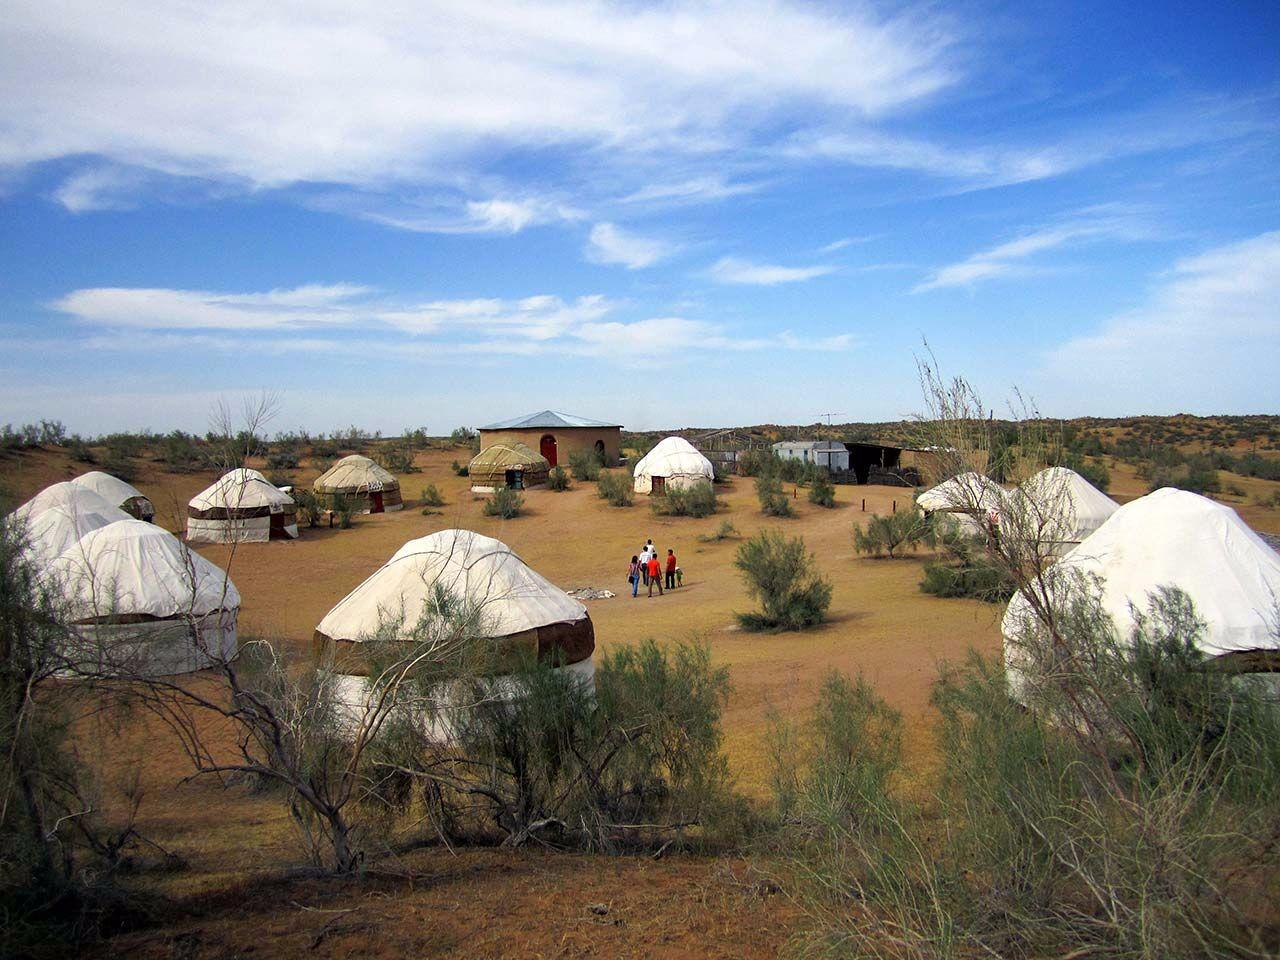 Architekturreise Usbekistan Sentyab Jurtencamp. Bild: Ventus Reisen